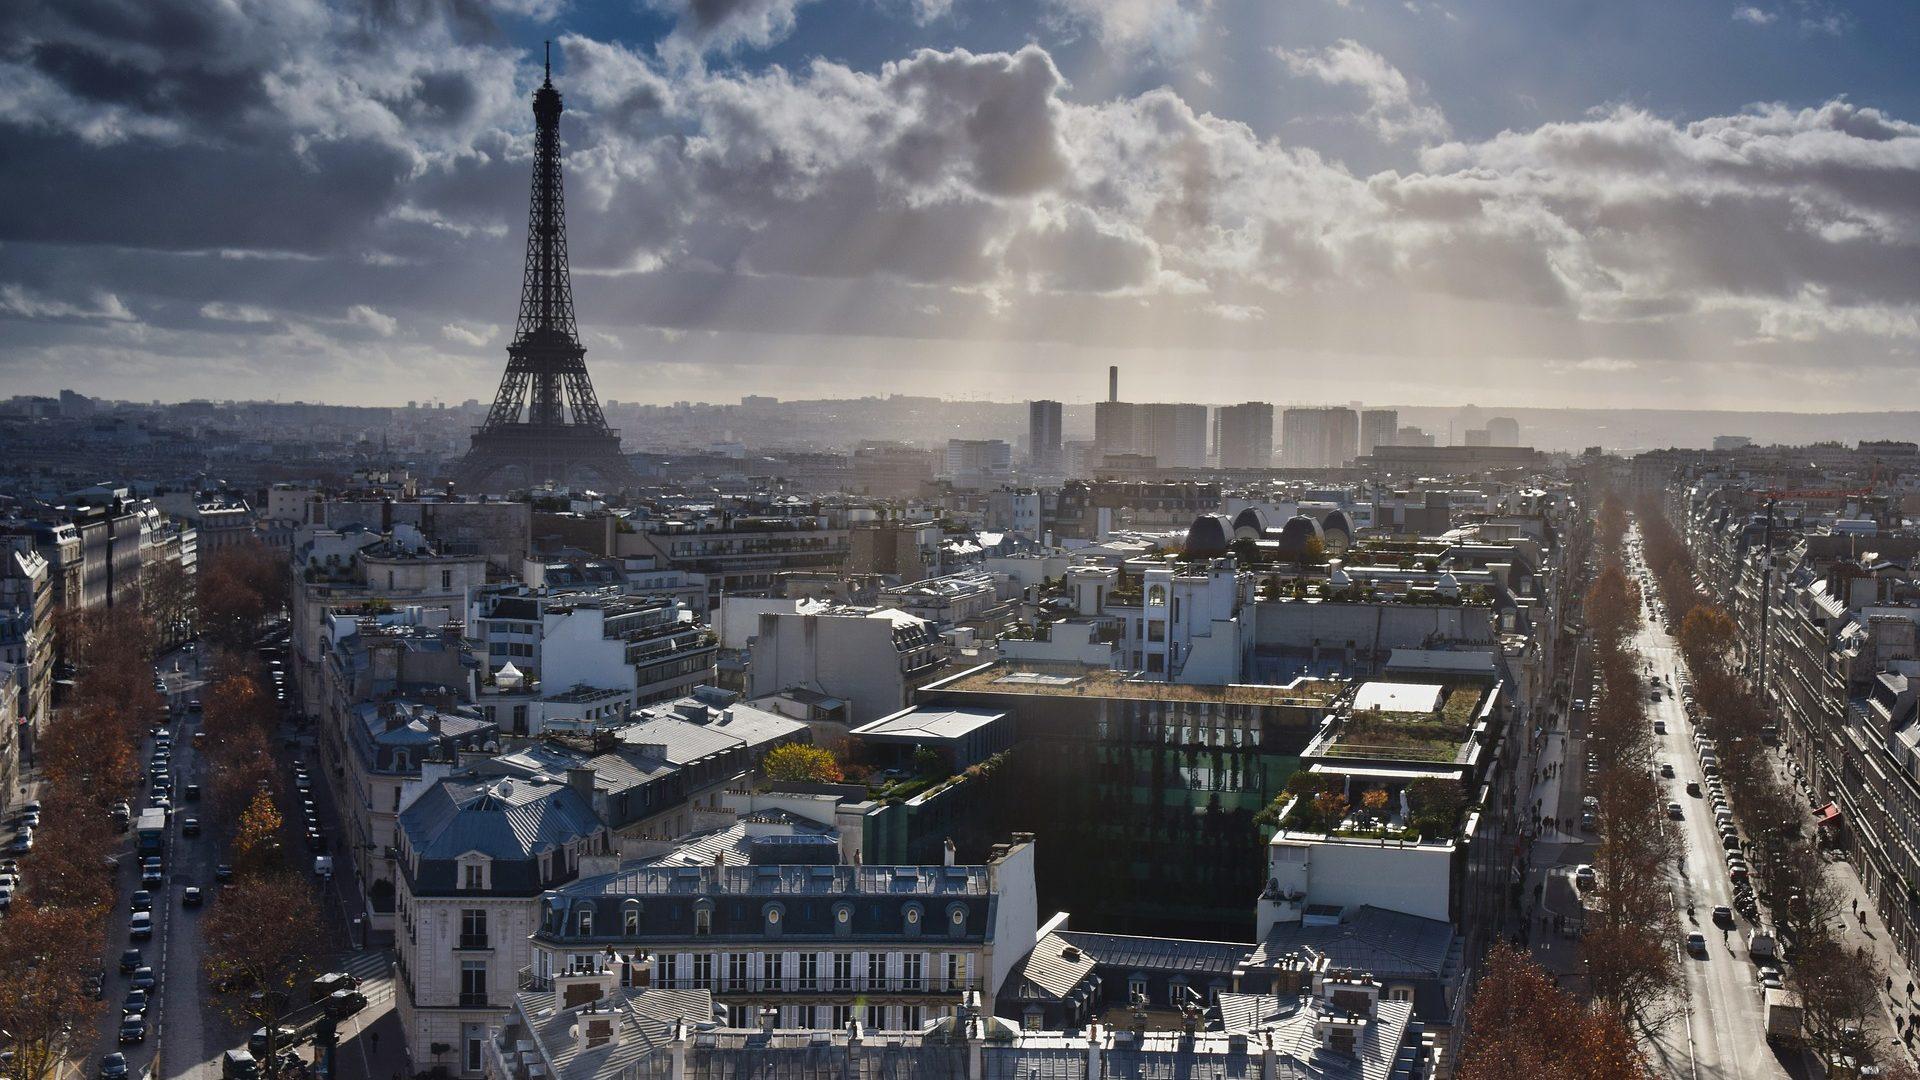 LISTEN: CEC's Mark Milke talks about the economic impact of meeting Paris climate commitments